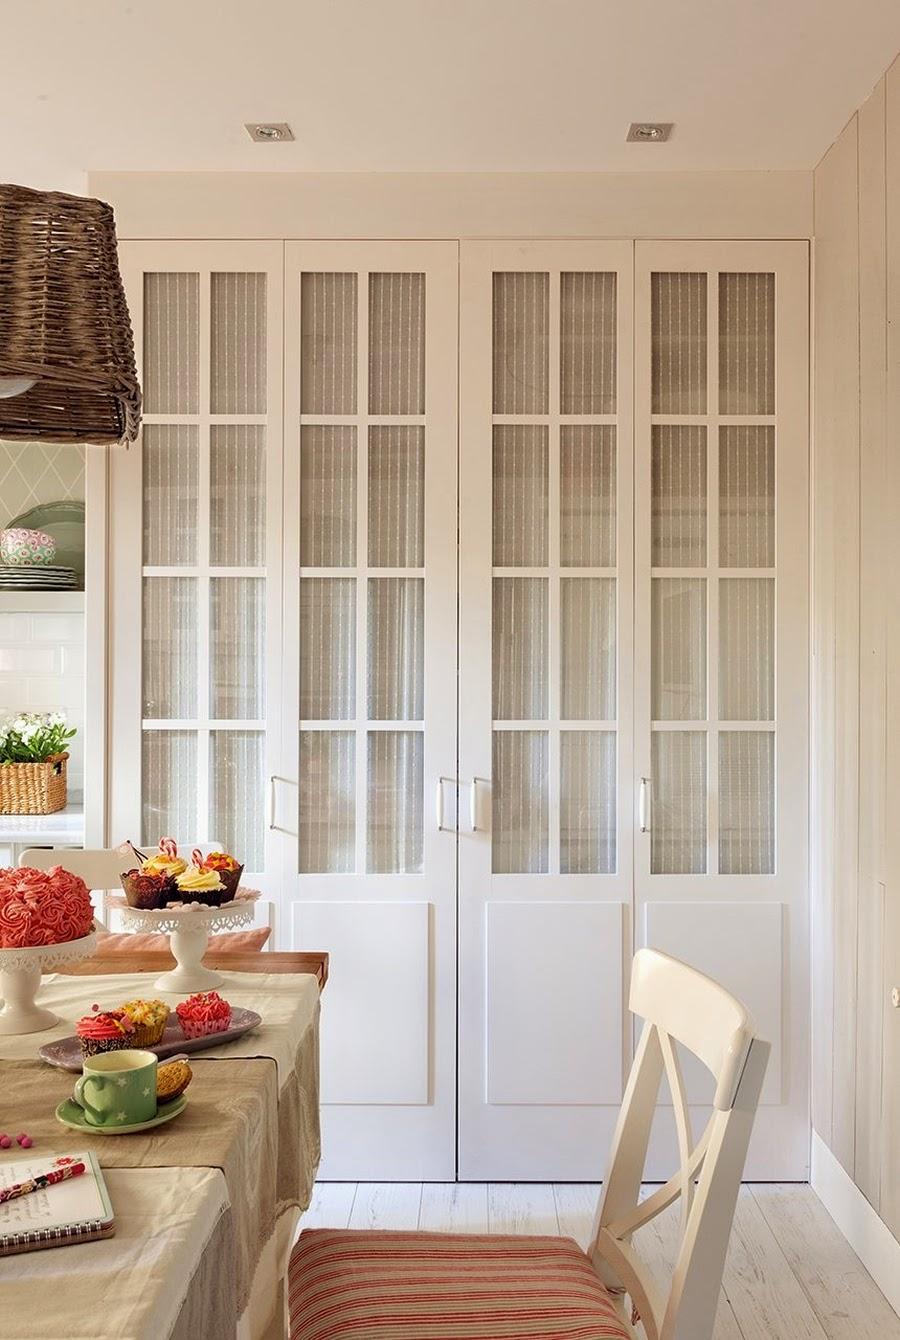 wystrój wnętrz, home decor, wnętrza, dom, mieszkanie, aranżacja, biała kuchnia, dodatki, stół, krzesła, szafa, schowek